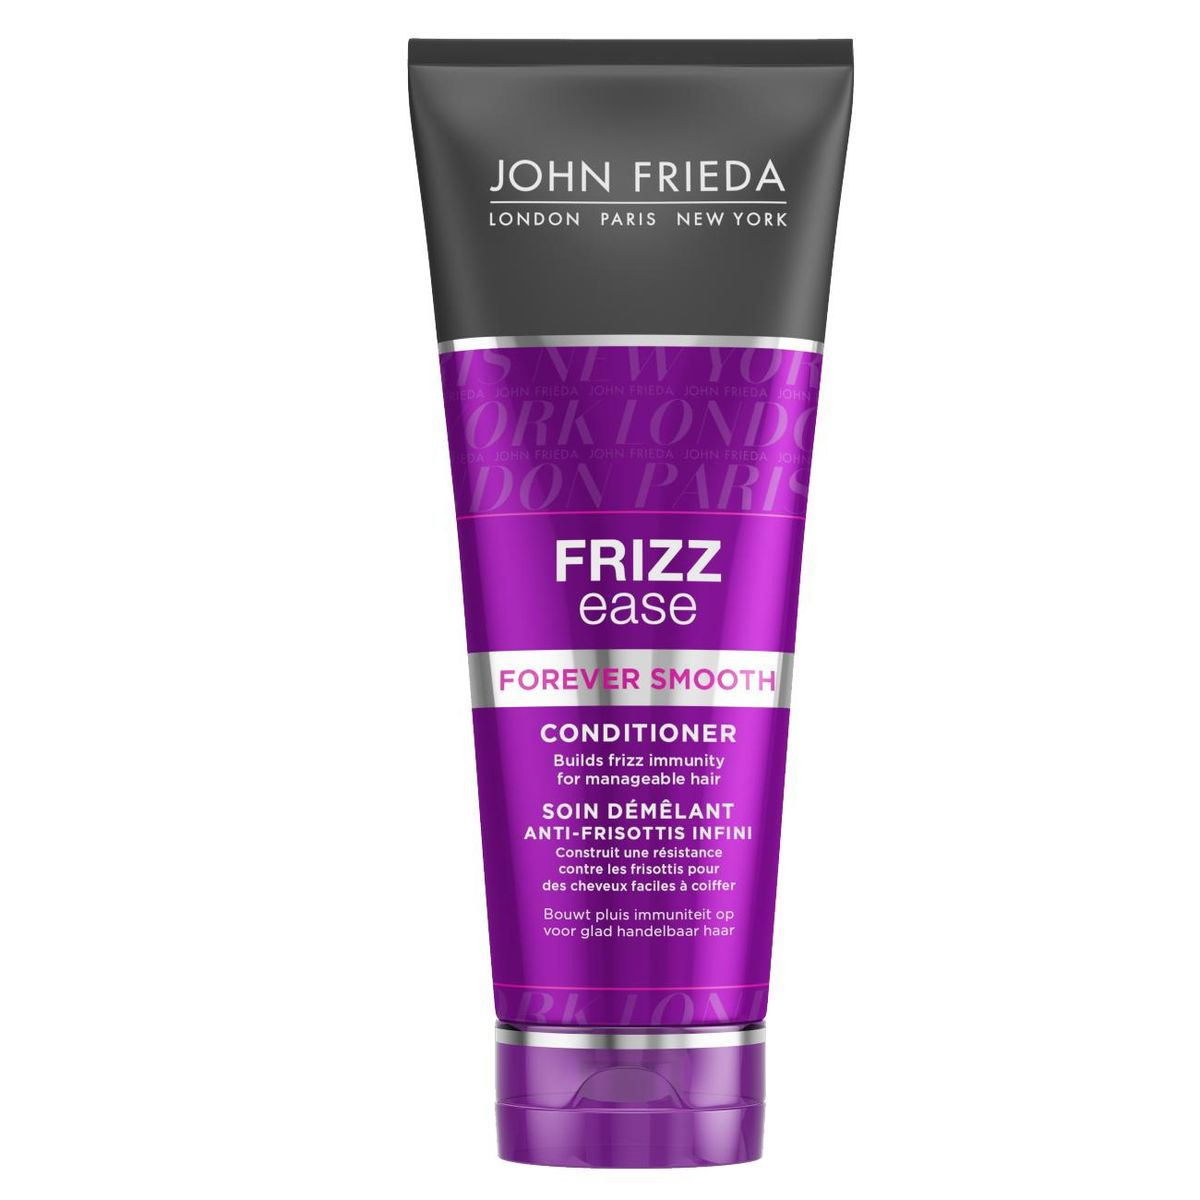 John Frieda Кондиционер для гладкости волос длительного действия против влажности Frizz Ease FOREVER SMOOTH 250 мл72523WDФормирует иммунитет вьющихся волос от влажности делает их удивительно послушными на длительное время. Волосы приобретают внутренний иммунитет от курчавости волос. Кондиционер FOREVER SMOOTH с инновационными Frizz Immunity комплексом и чистейшим маслом Кокоса, действует как питательный маска и делает волосы более мягкими и послушными, с каждым применением постепенно формирует у волос иммунитет против курчавости.